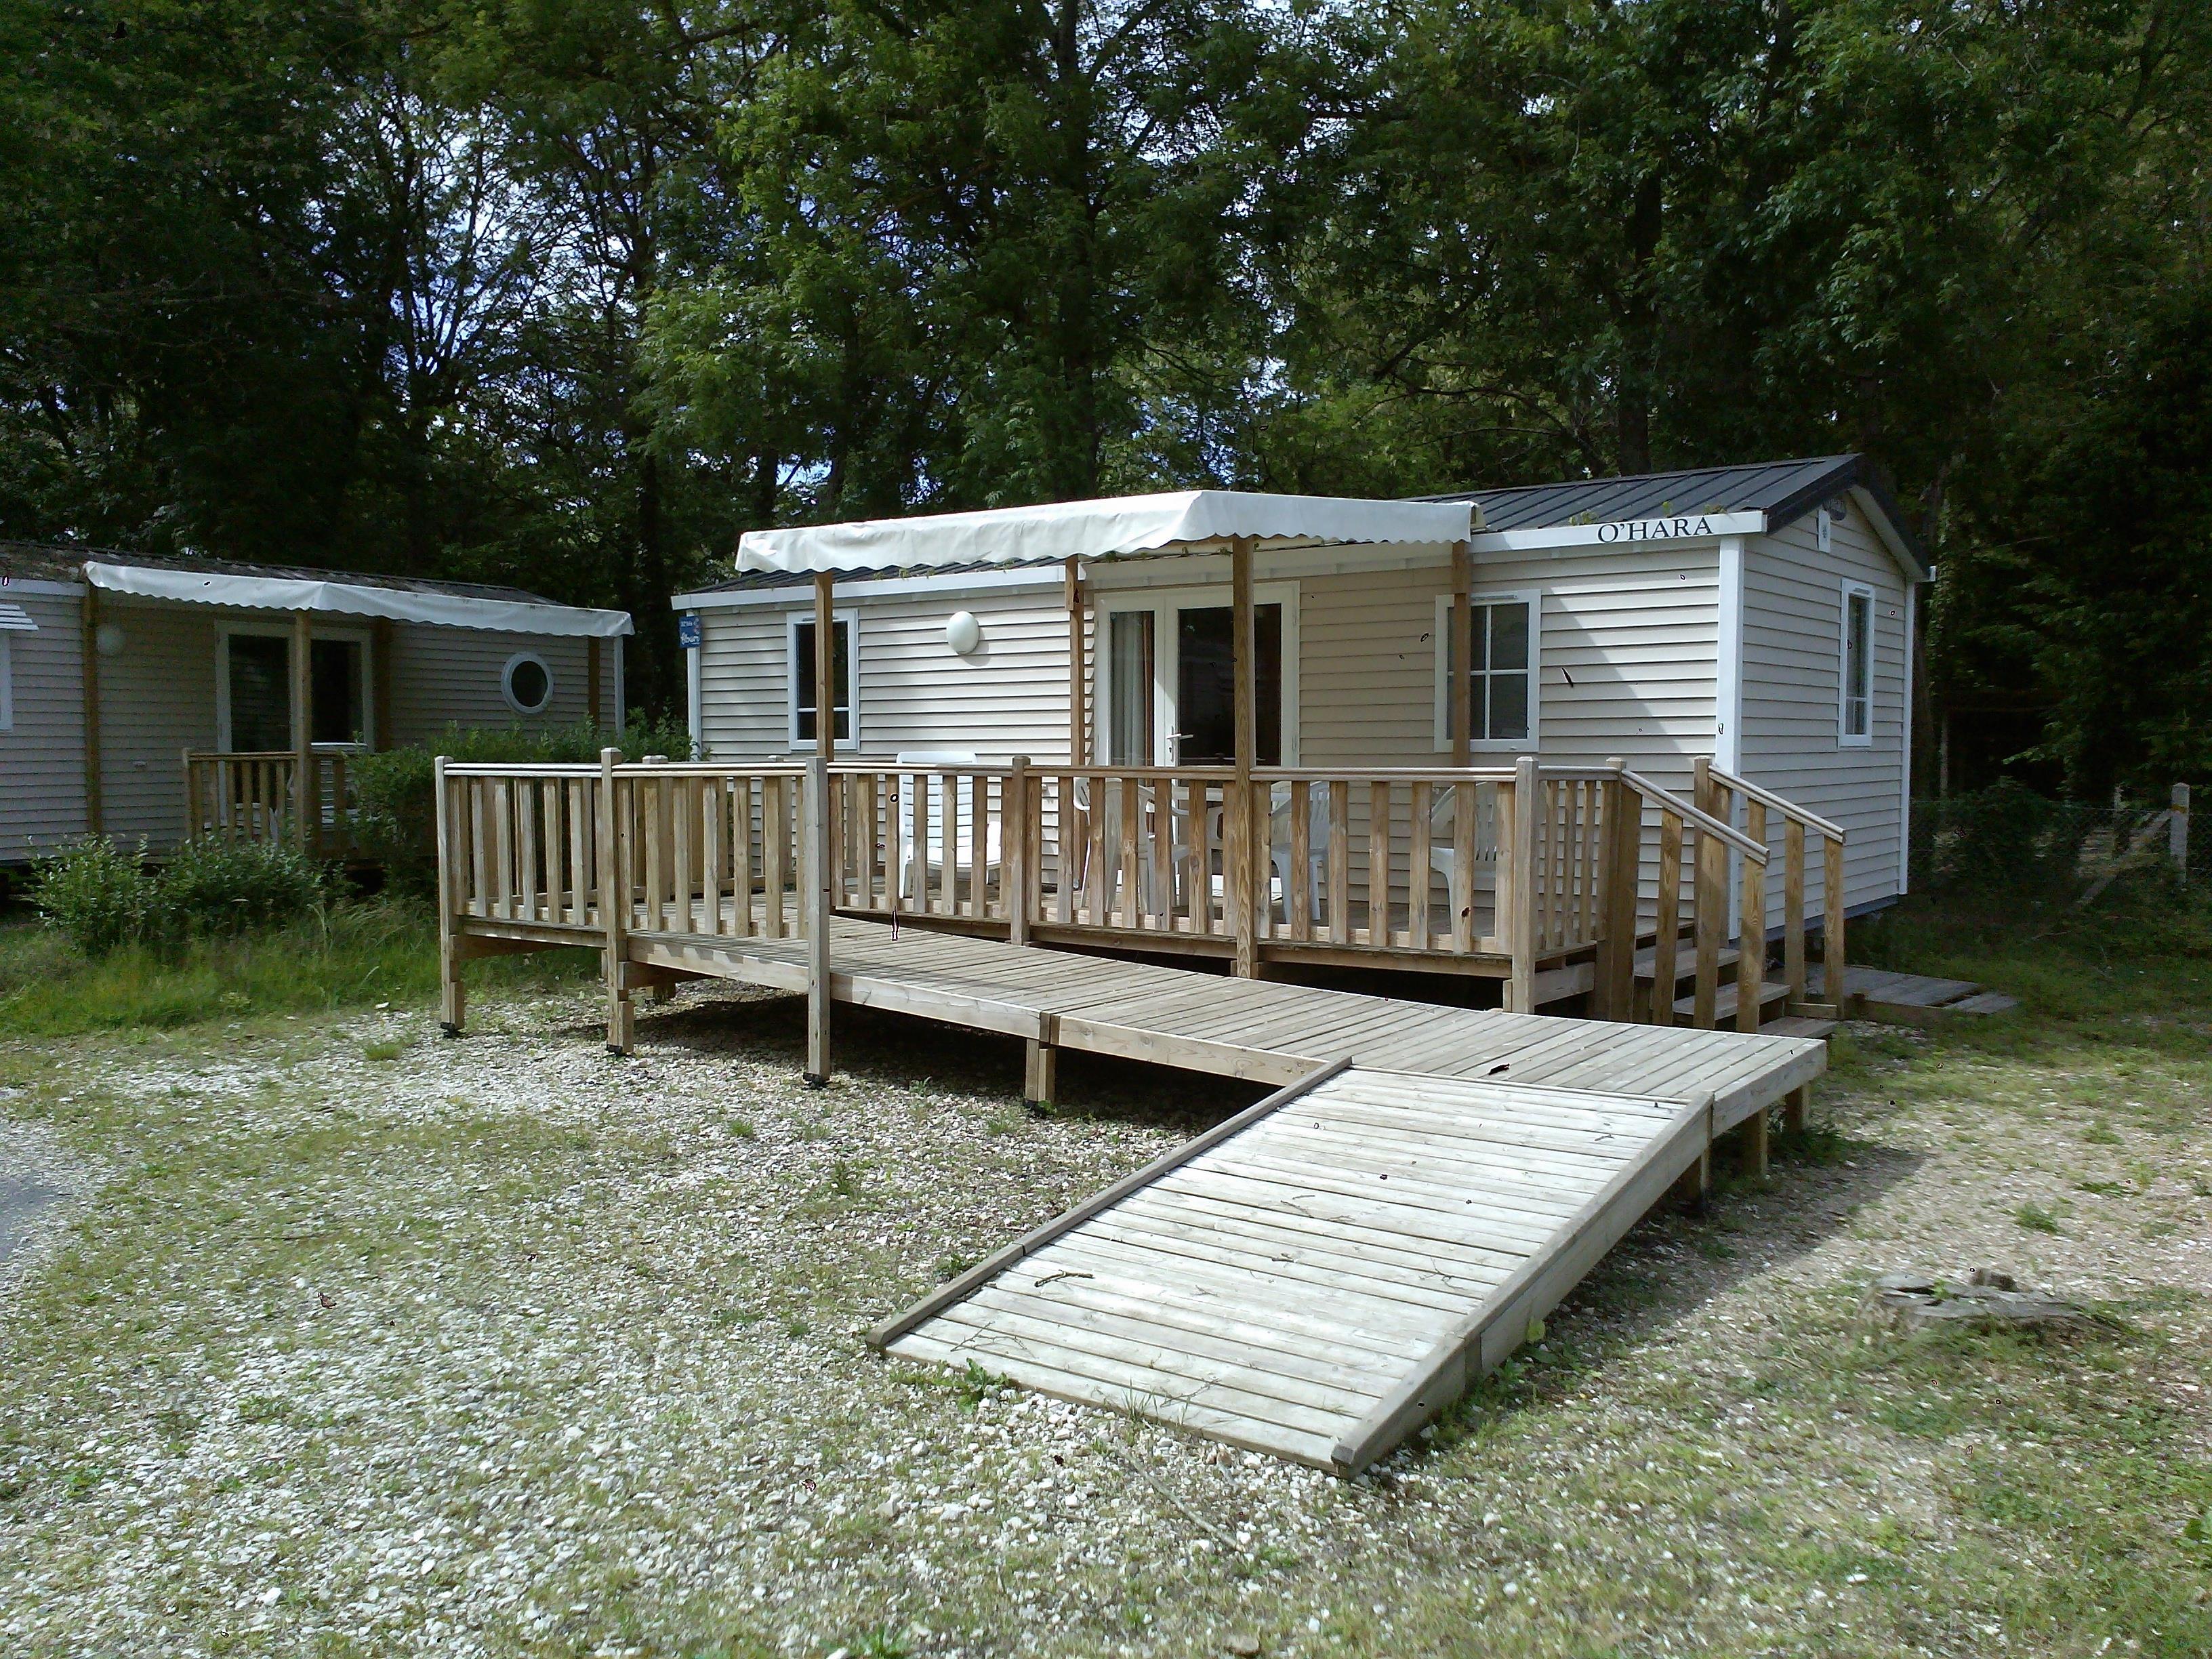 Location - Mobil Home 32M² (2 Chambres) Avec Une Terrasse - Adapté Aux Personnes À Mobilité Réduite - Camping Les Portes de Sancerre